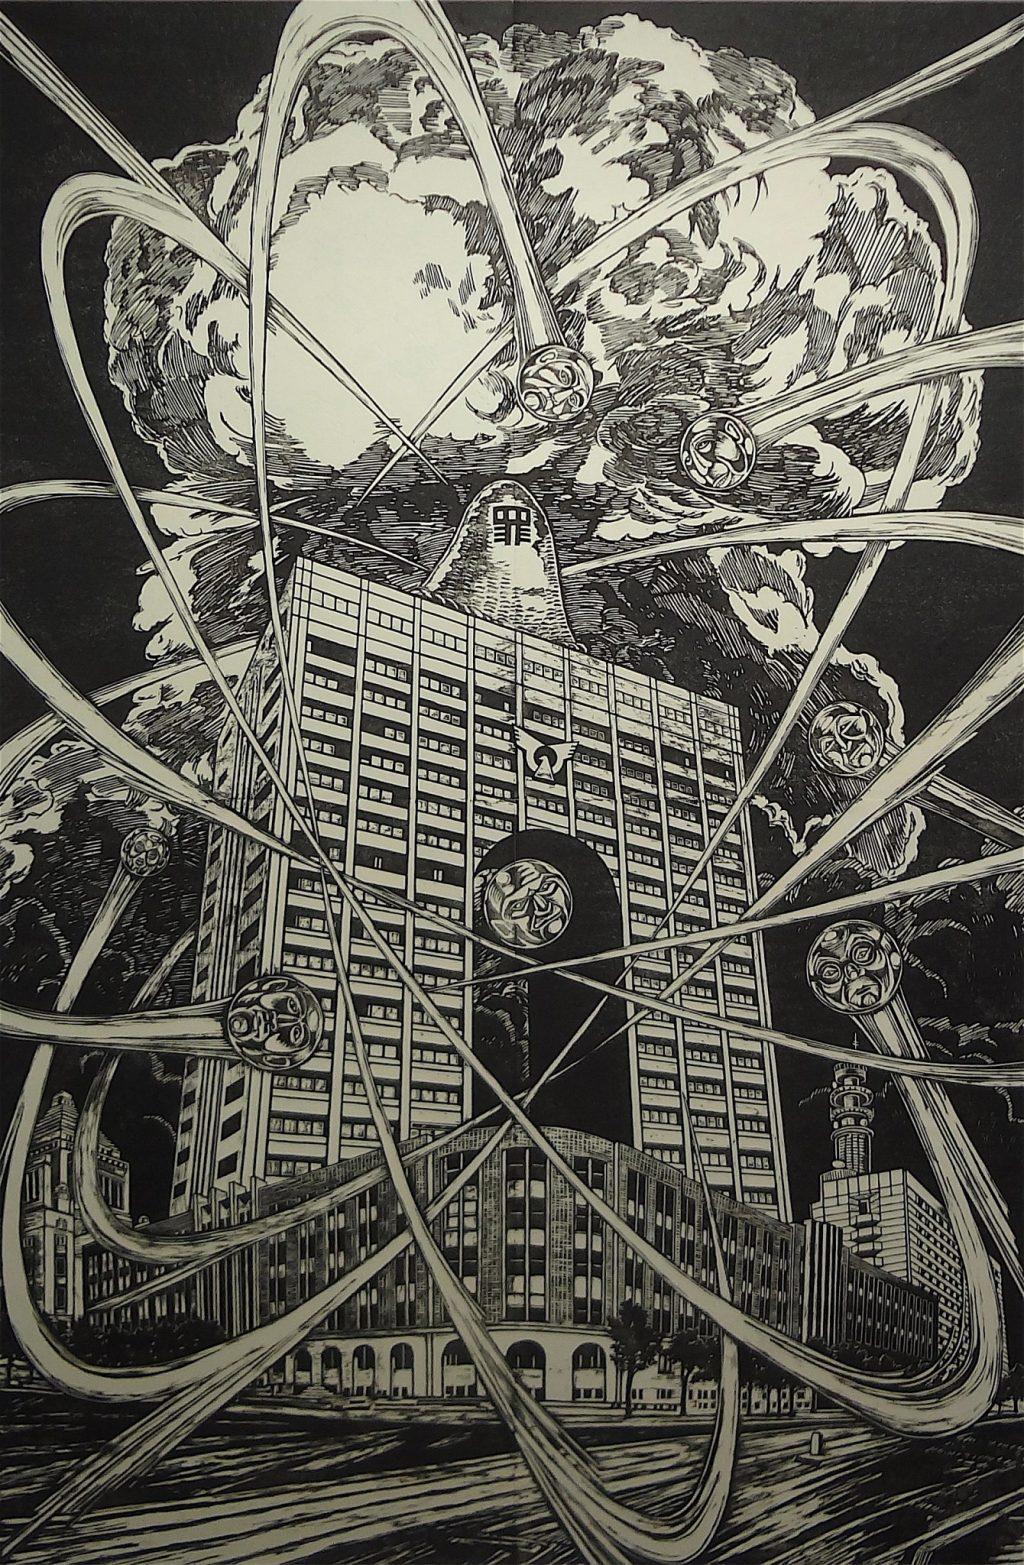 風間サチコ 「獄門核分裂235」、2012年